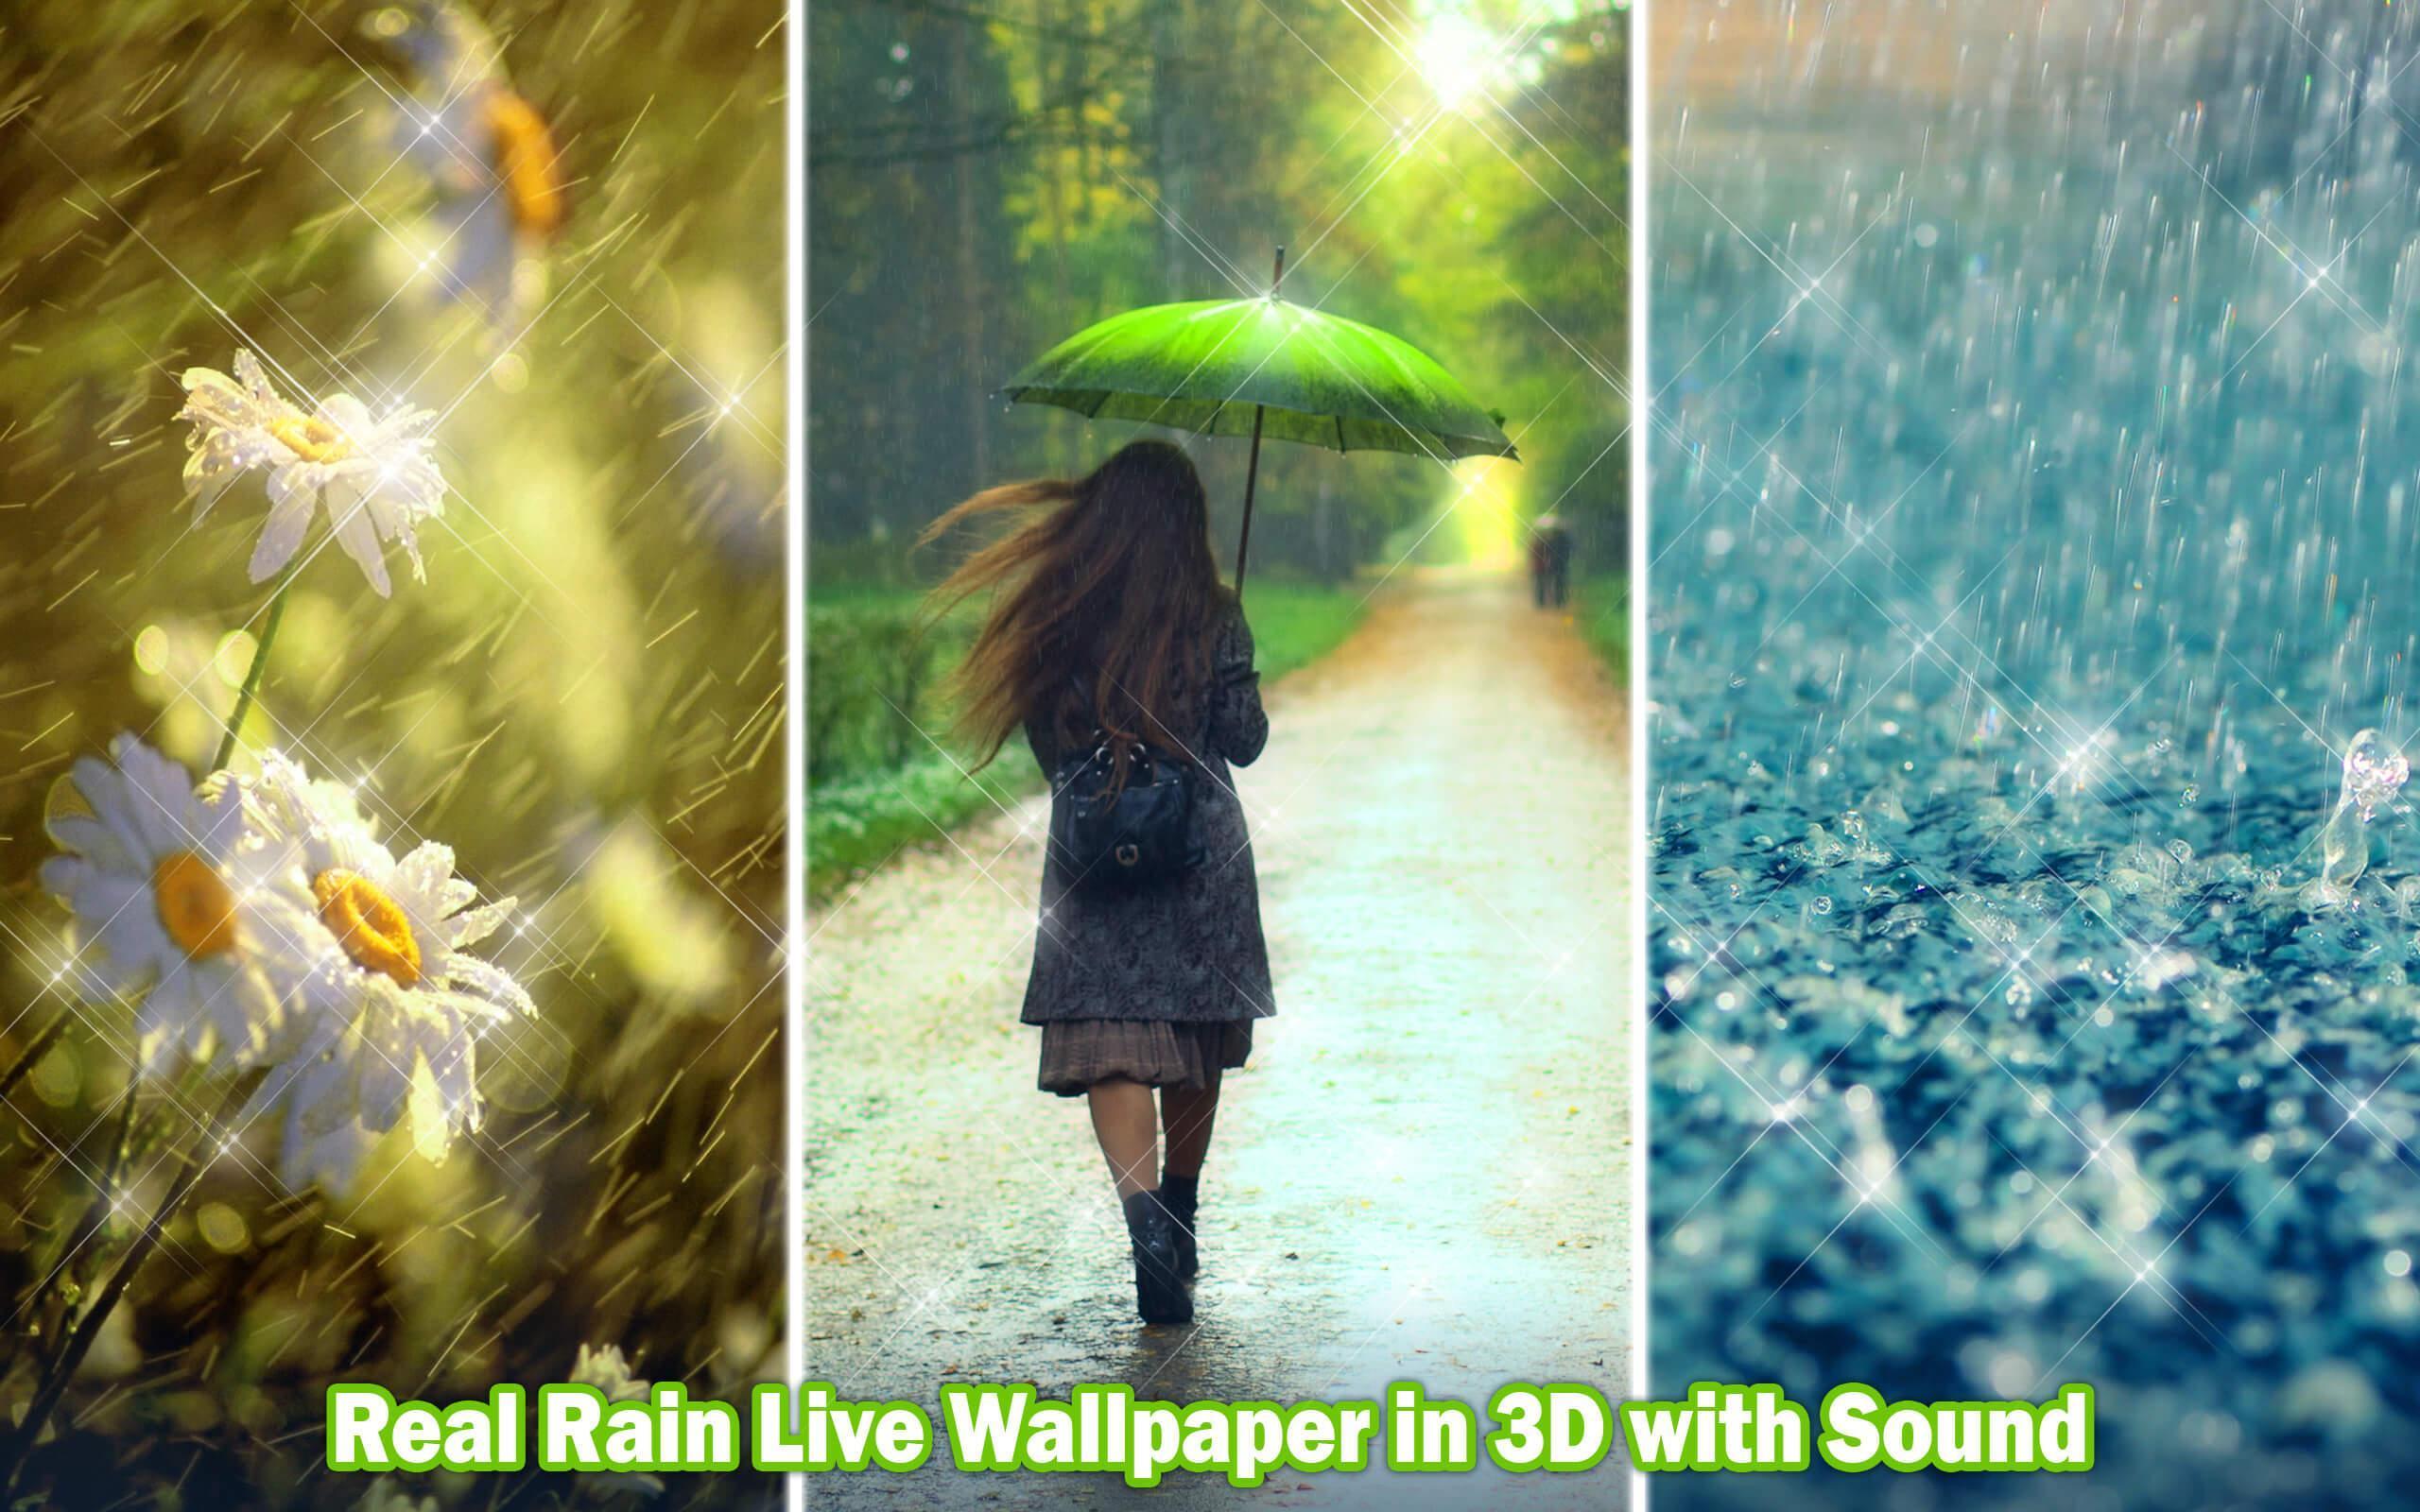 Hujan Wallpaper Hidup Suara ☔ Tema Tetes Air For Android